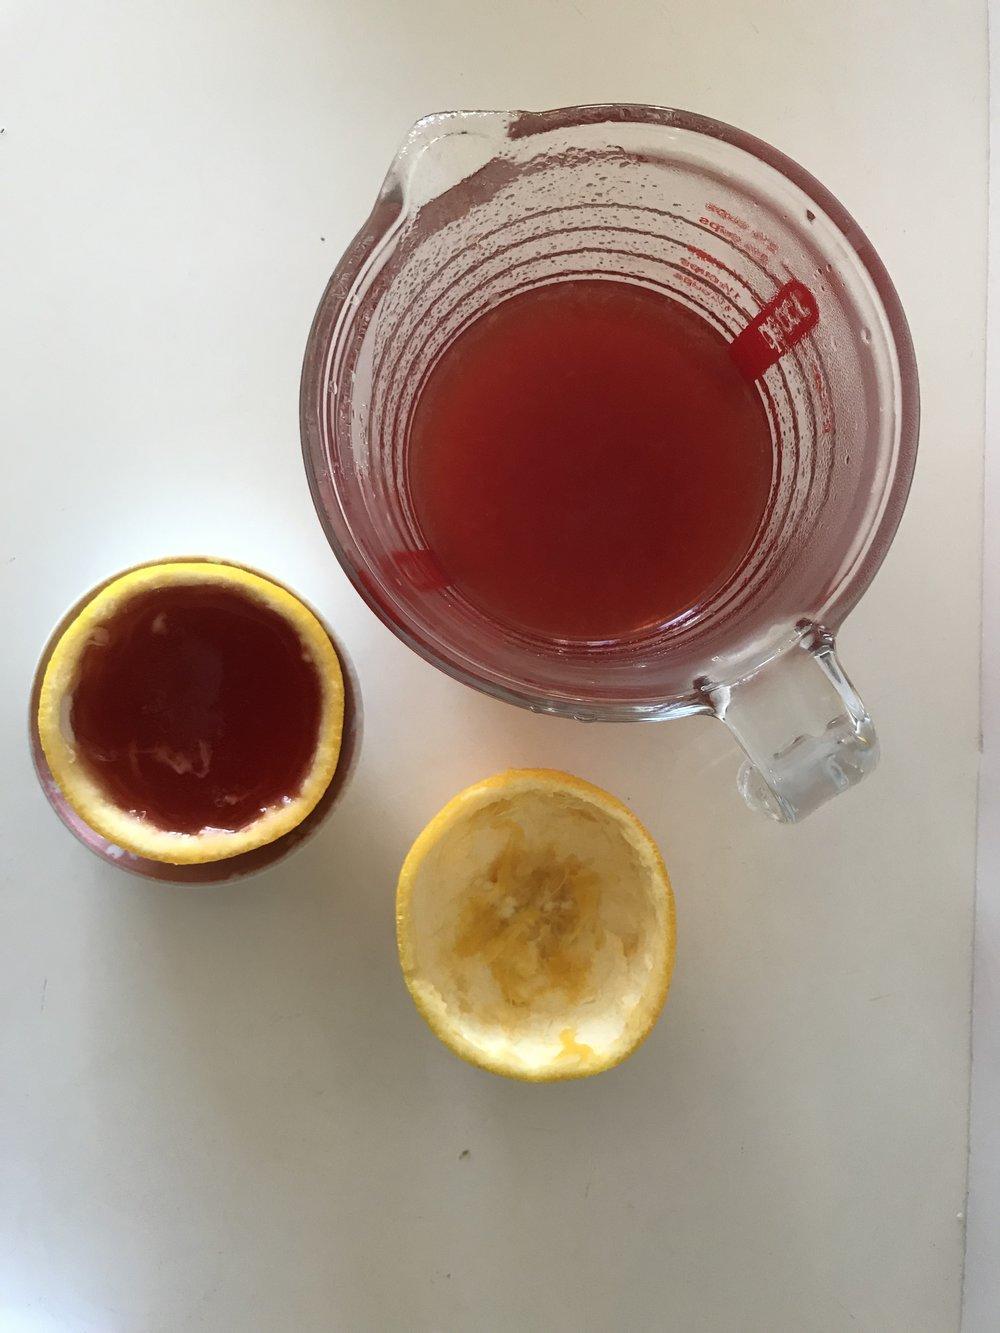 How to make Negroni jelly orange wedges